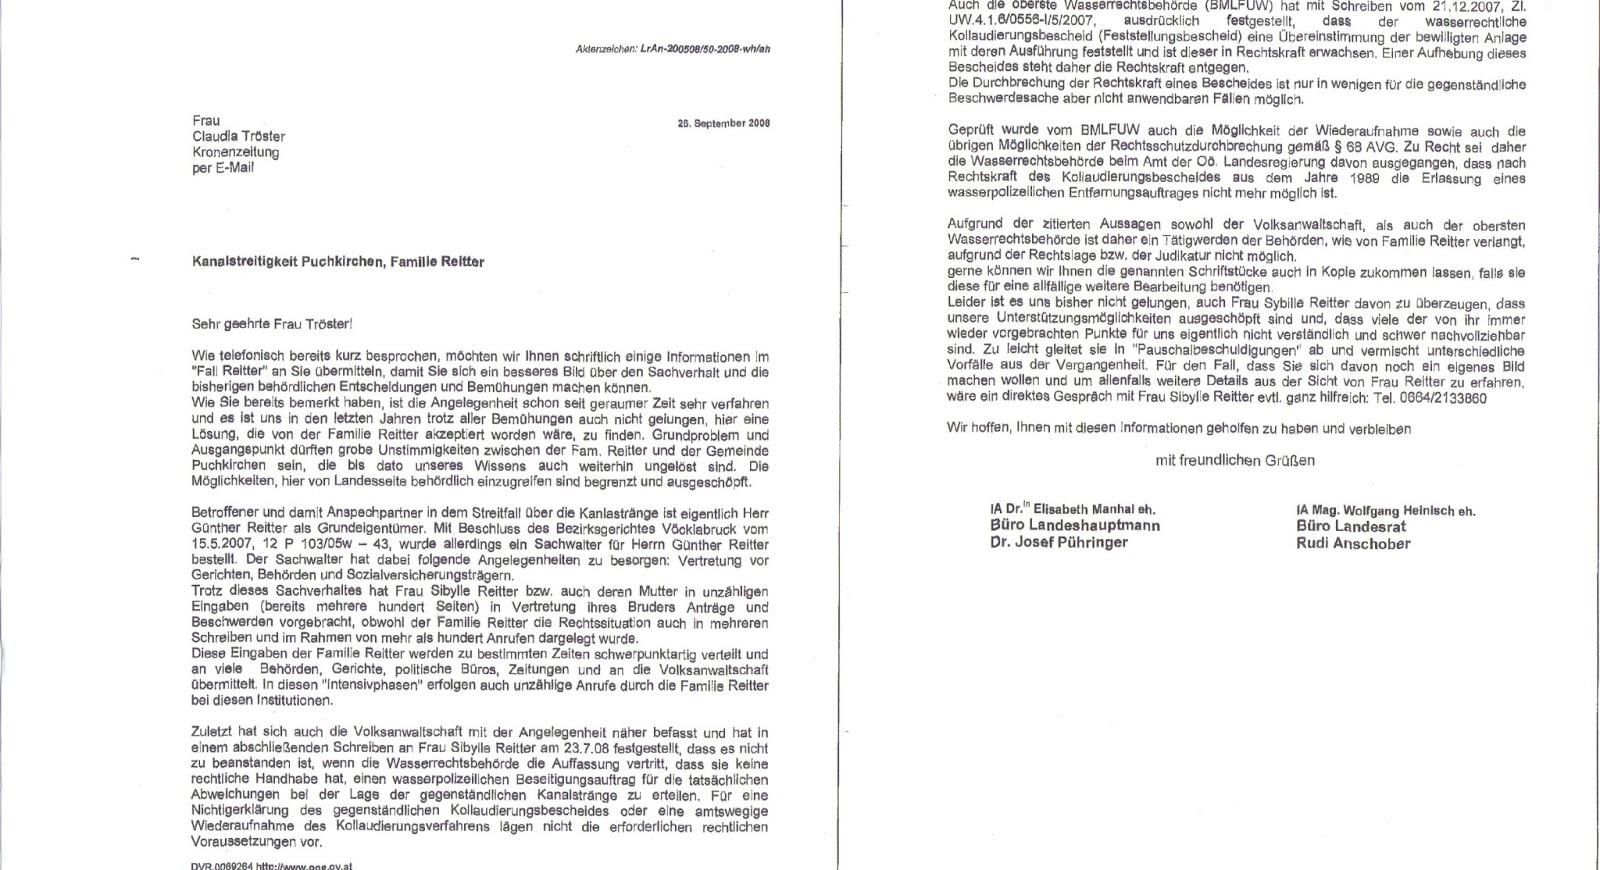 Schön Schreibposition Anschreiben Galerie - Entry Level Resume ...